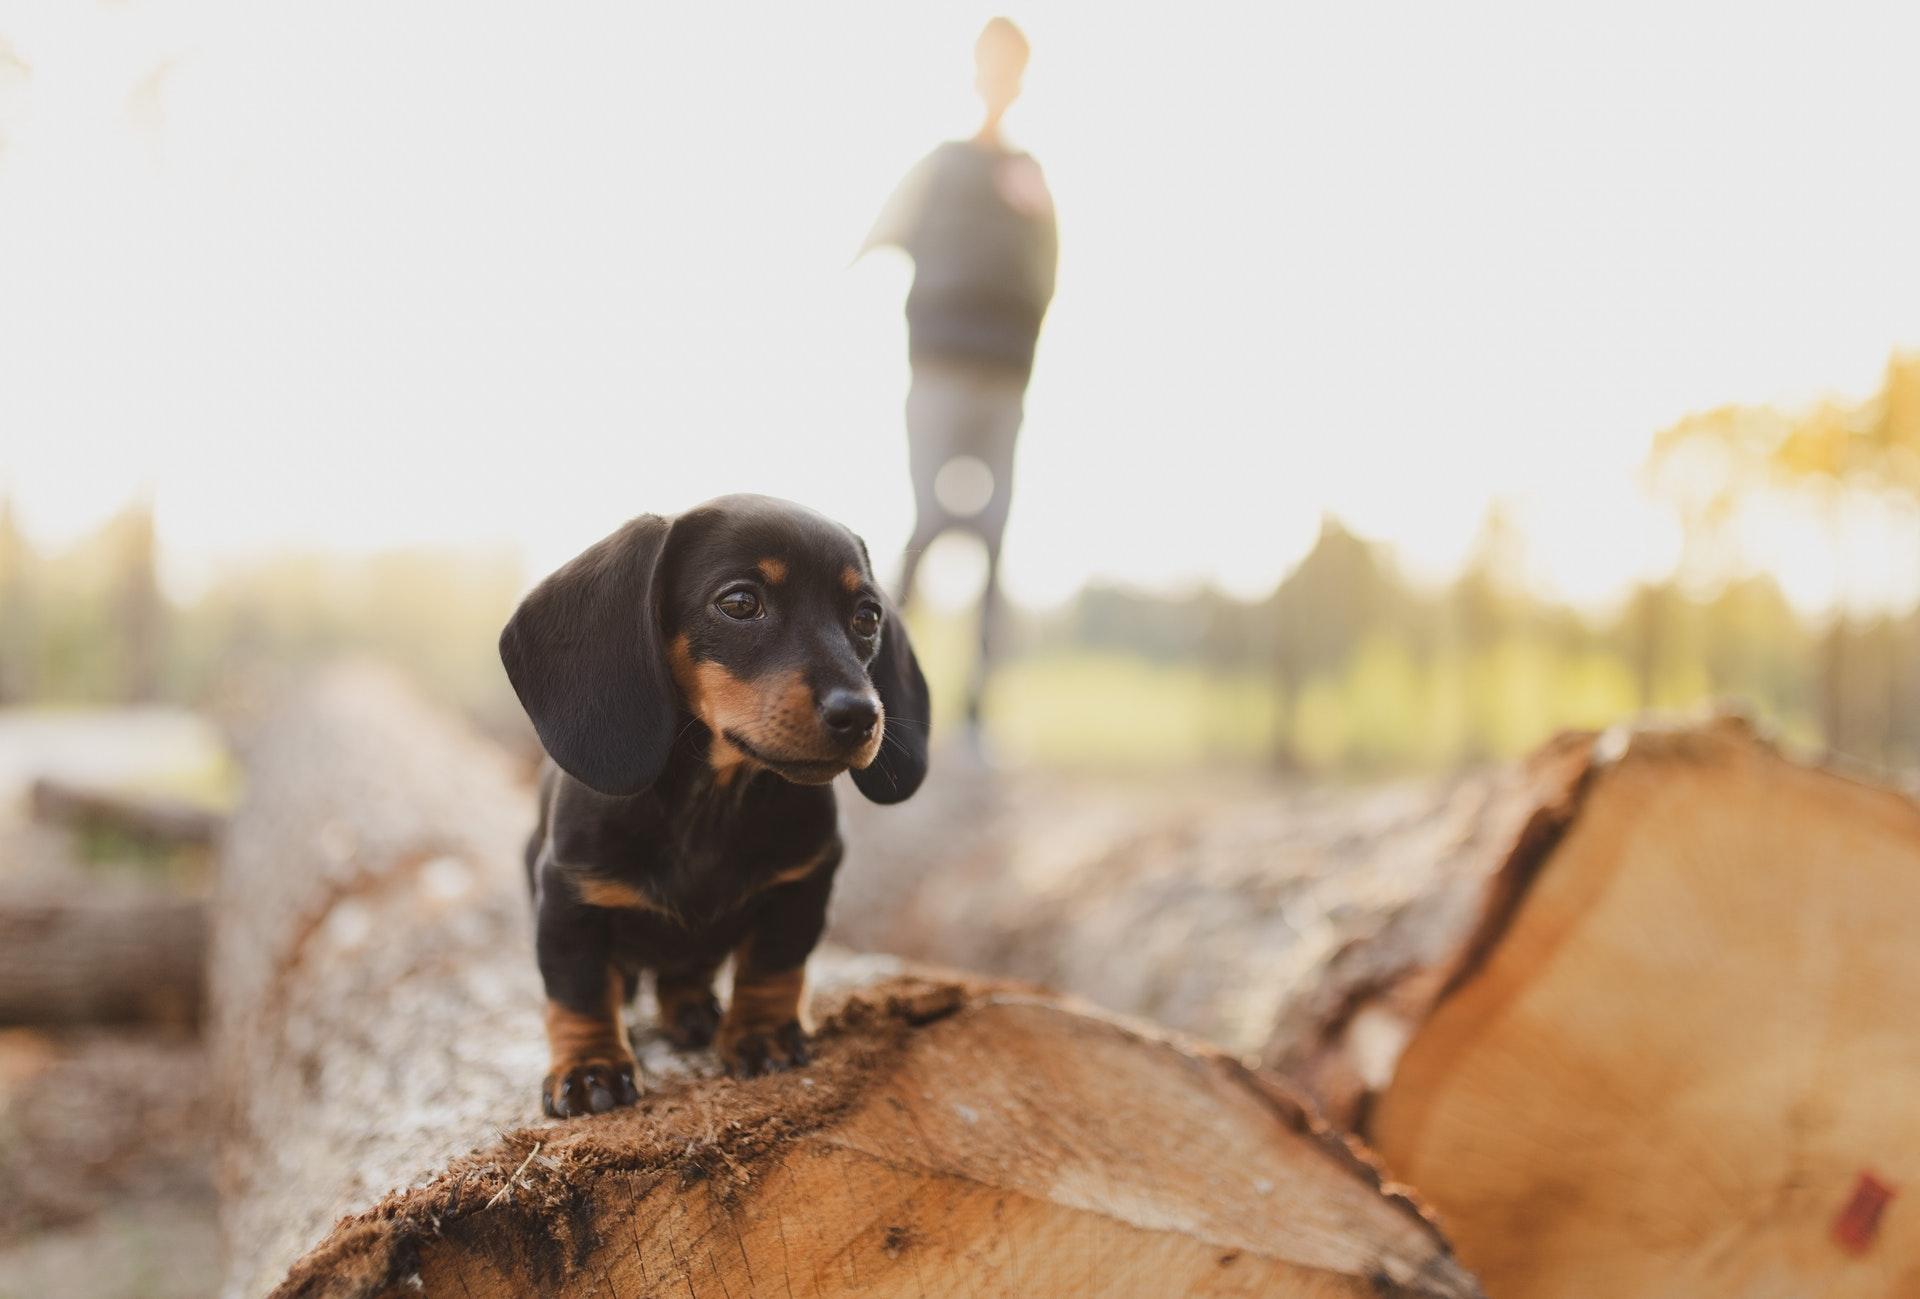 teckel puppy op een boomstam met achter hem zijn baasje